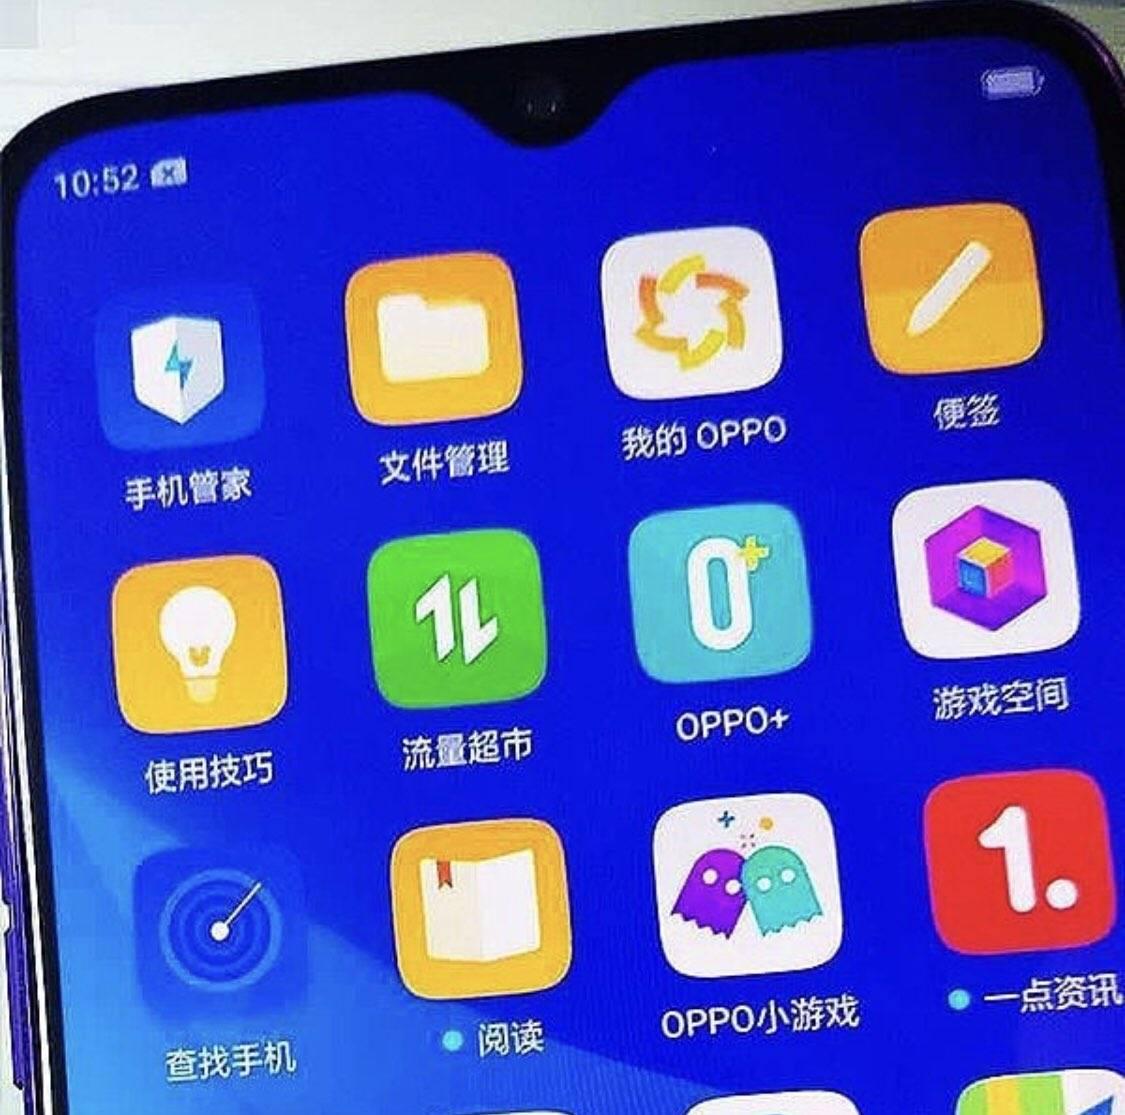 oppor17参数配置(oppor17手机参数)